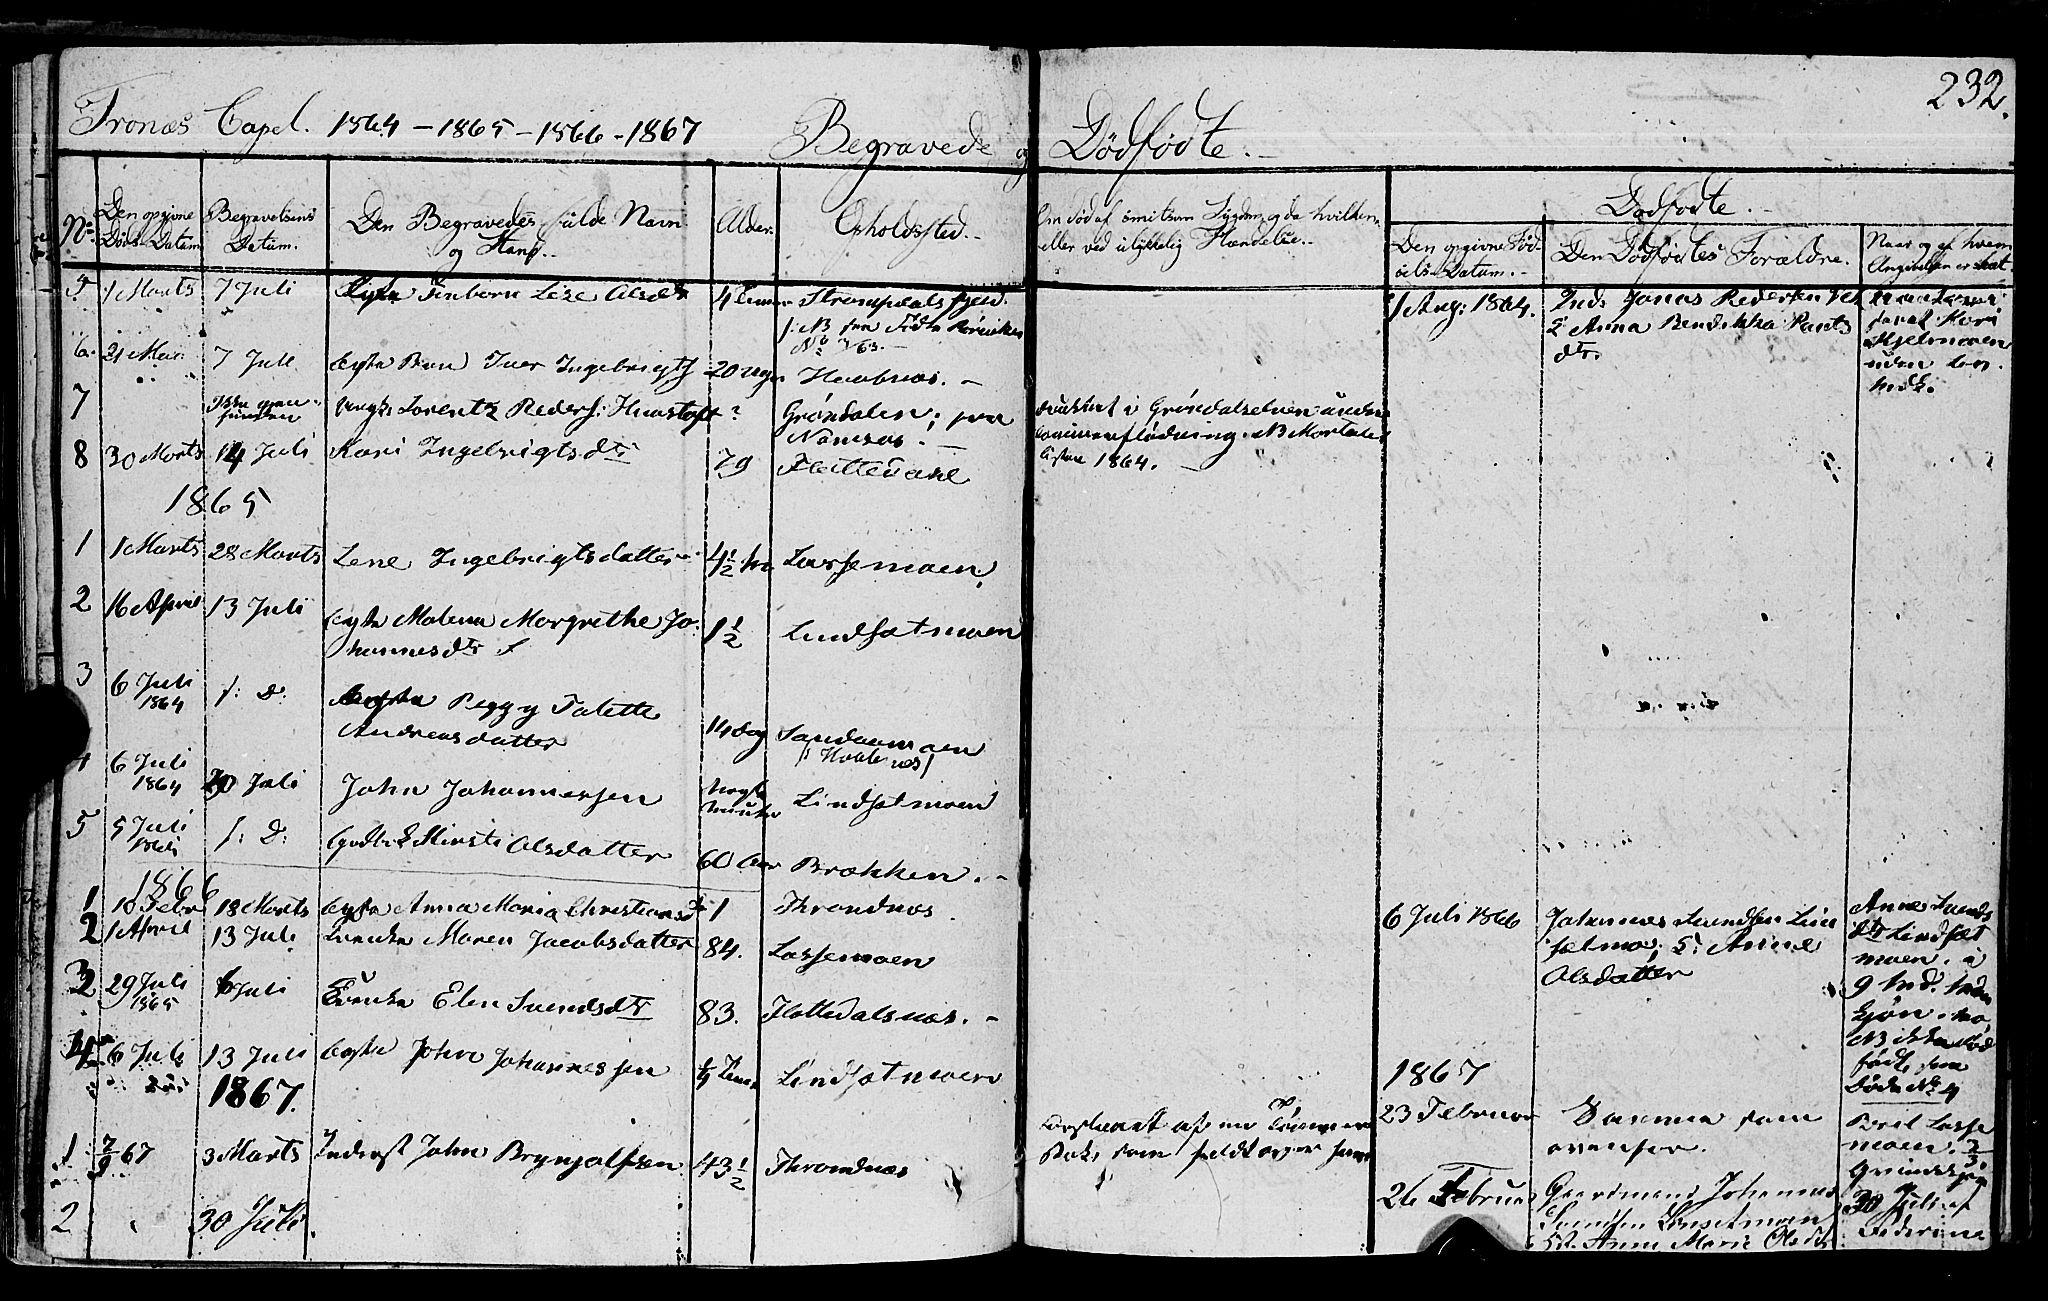 SAT, Ministerialprotokoller, klokkerbøker og fødselsregistre - Nord-Trøndelag, 762/L0538: Ministerialbok nr. 762A02 /2, 1833-1879, s. 232